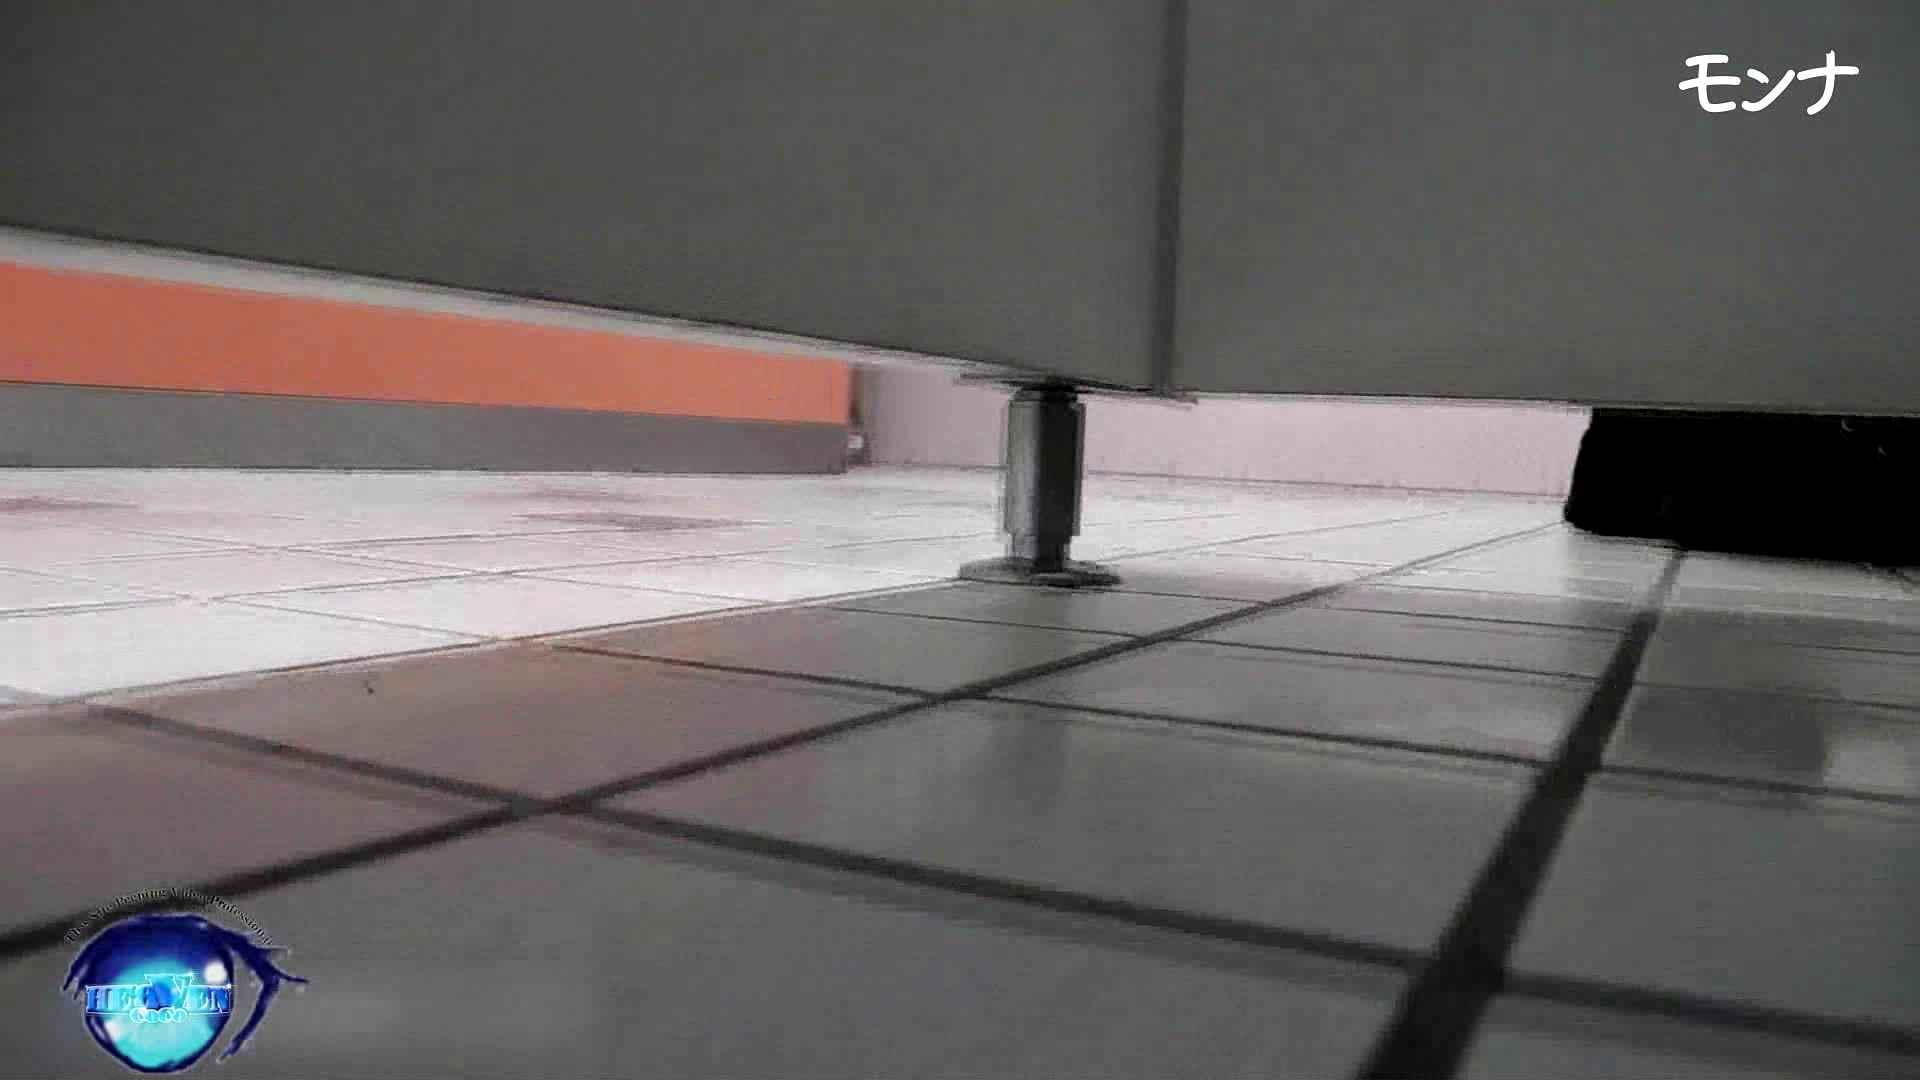 【美しい日本の未来】美しい日本の未来 No.82たまらない丸み、今度またハプニング起きる ハプニング  81Pix 16